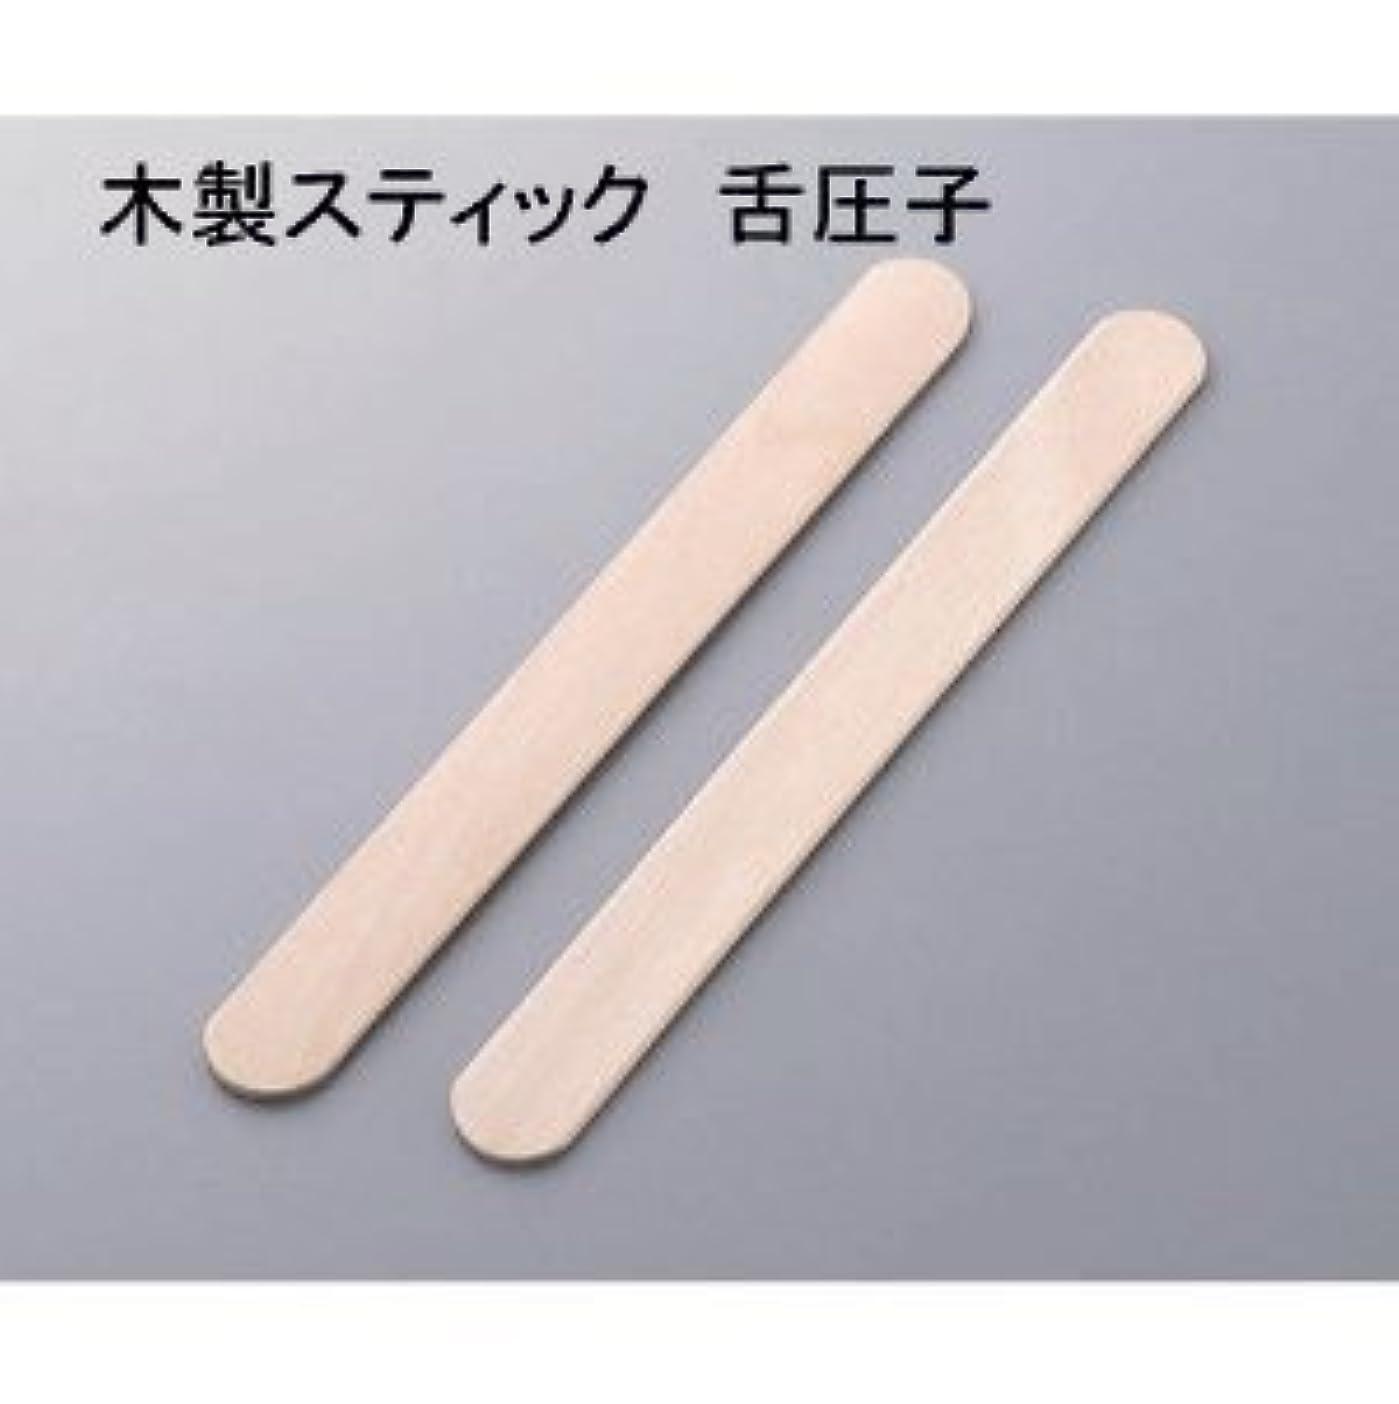 染色振る季節木製舌圧子150mm スパチュラ 脱毛 ハダカ 6000本(50本x120束)